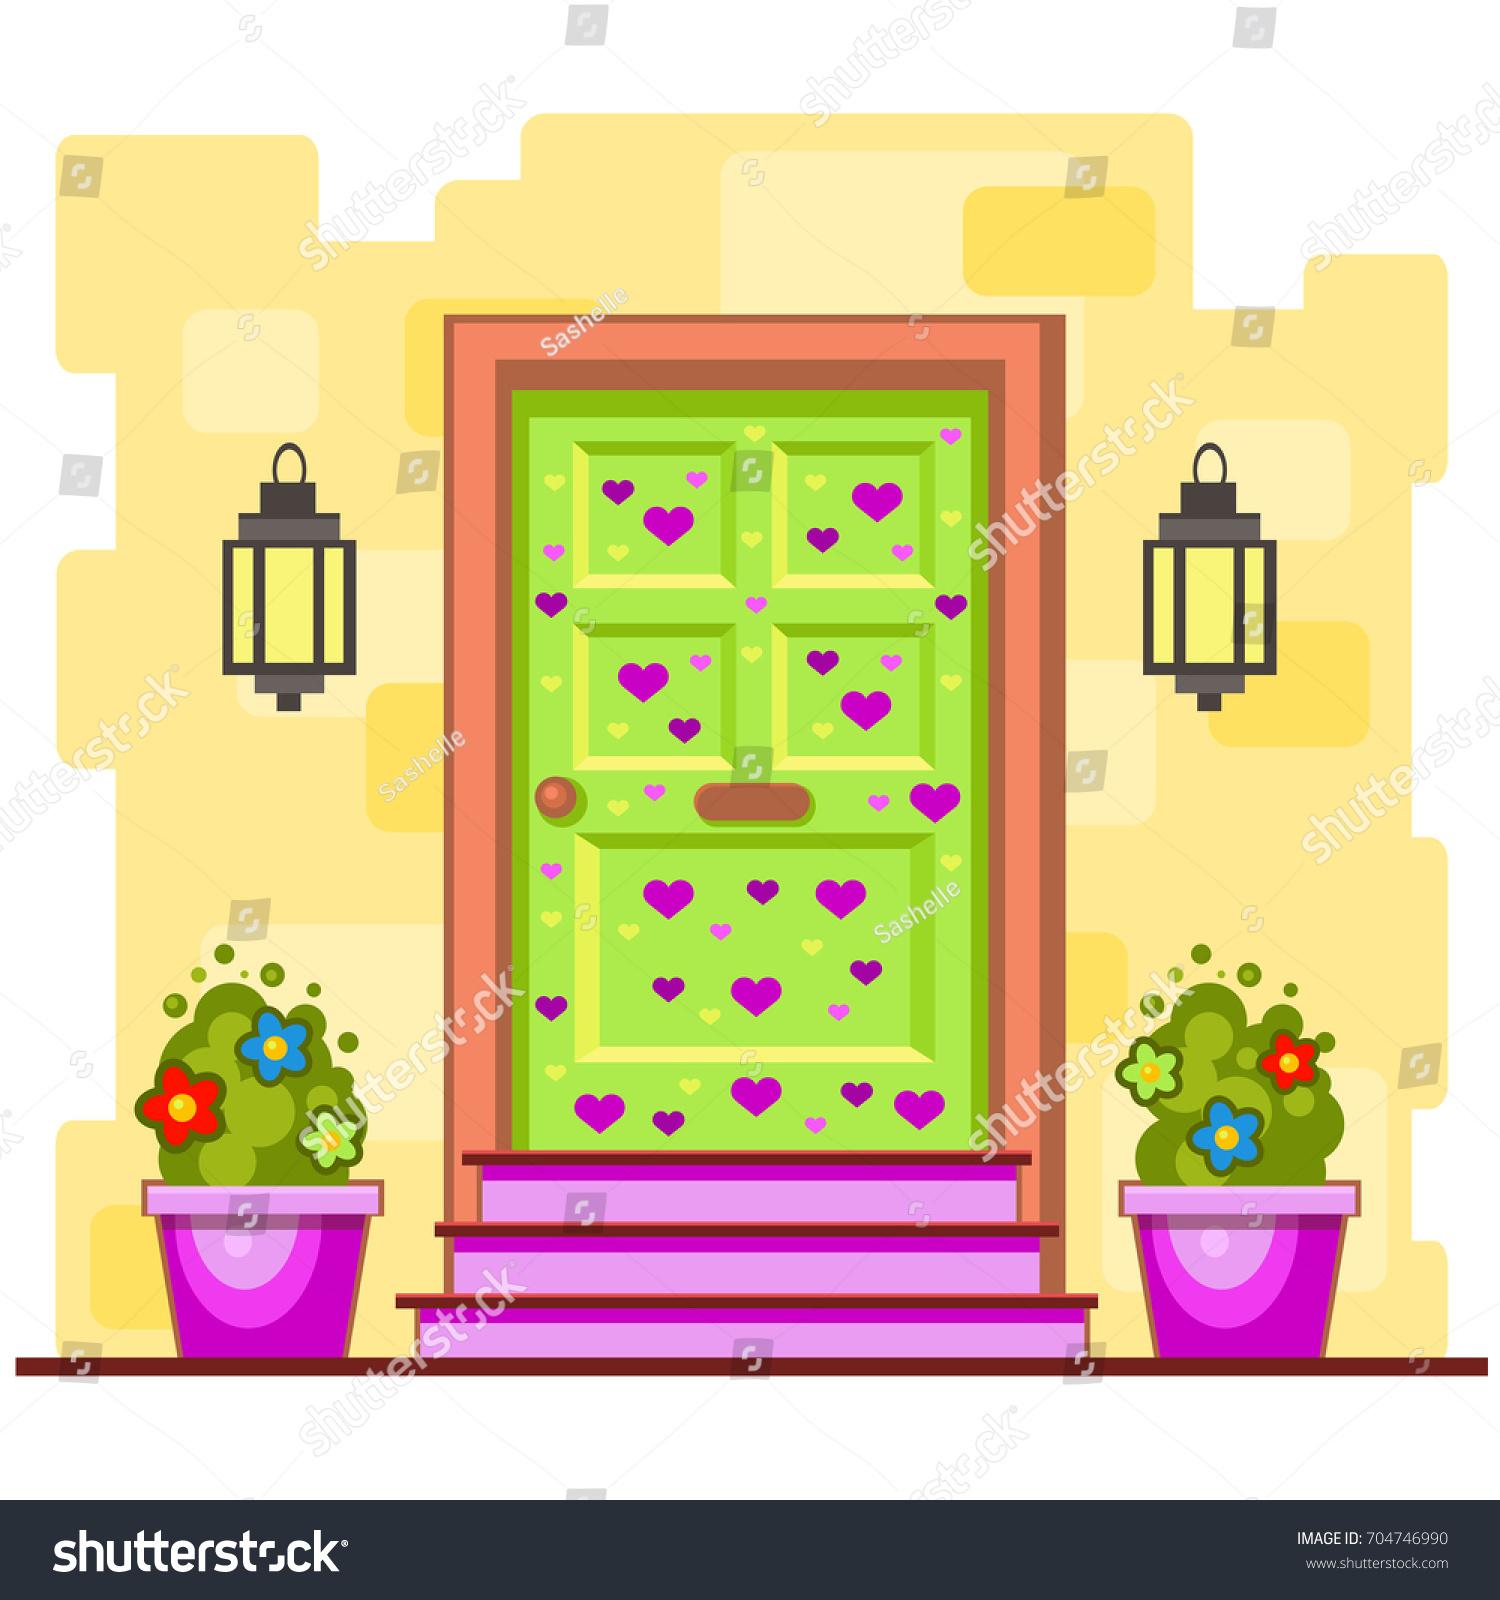 Green Front Door Violet Hearts On Stock Vector 704746990 - Shutterstock